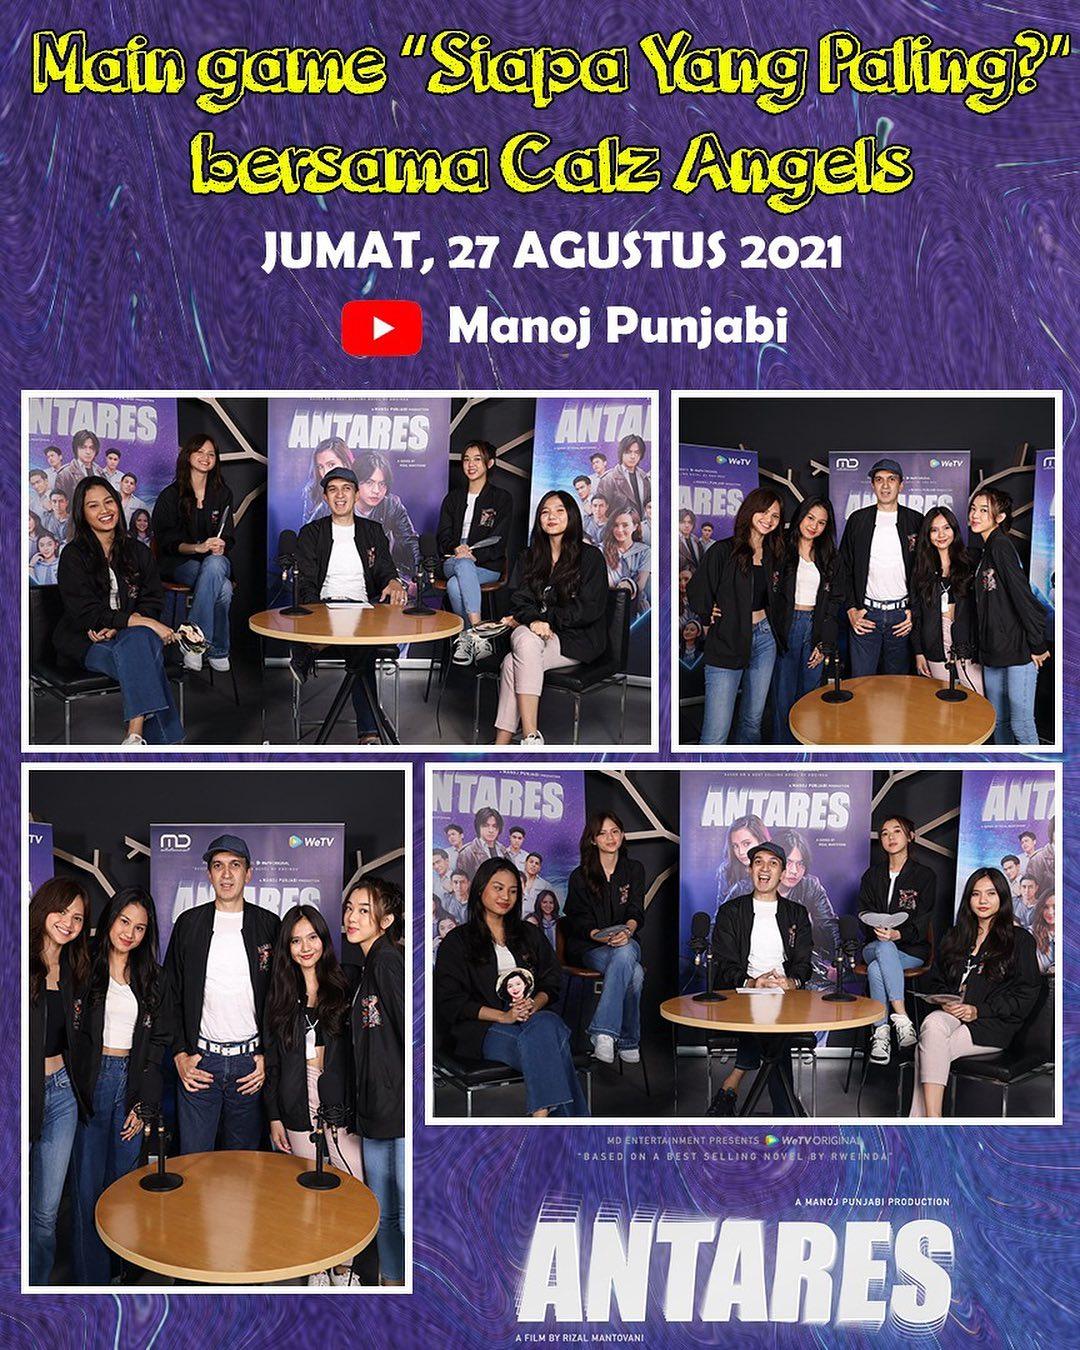 Nantikan exclusive interview & games bersama Calz Angels Jumat ini di Youtube Manoj Punjabi